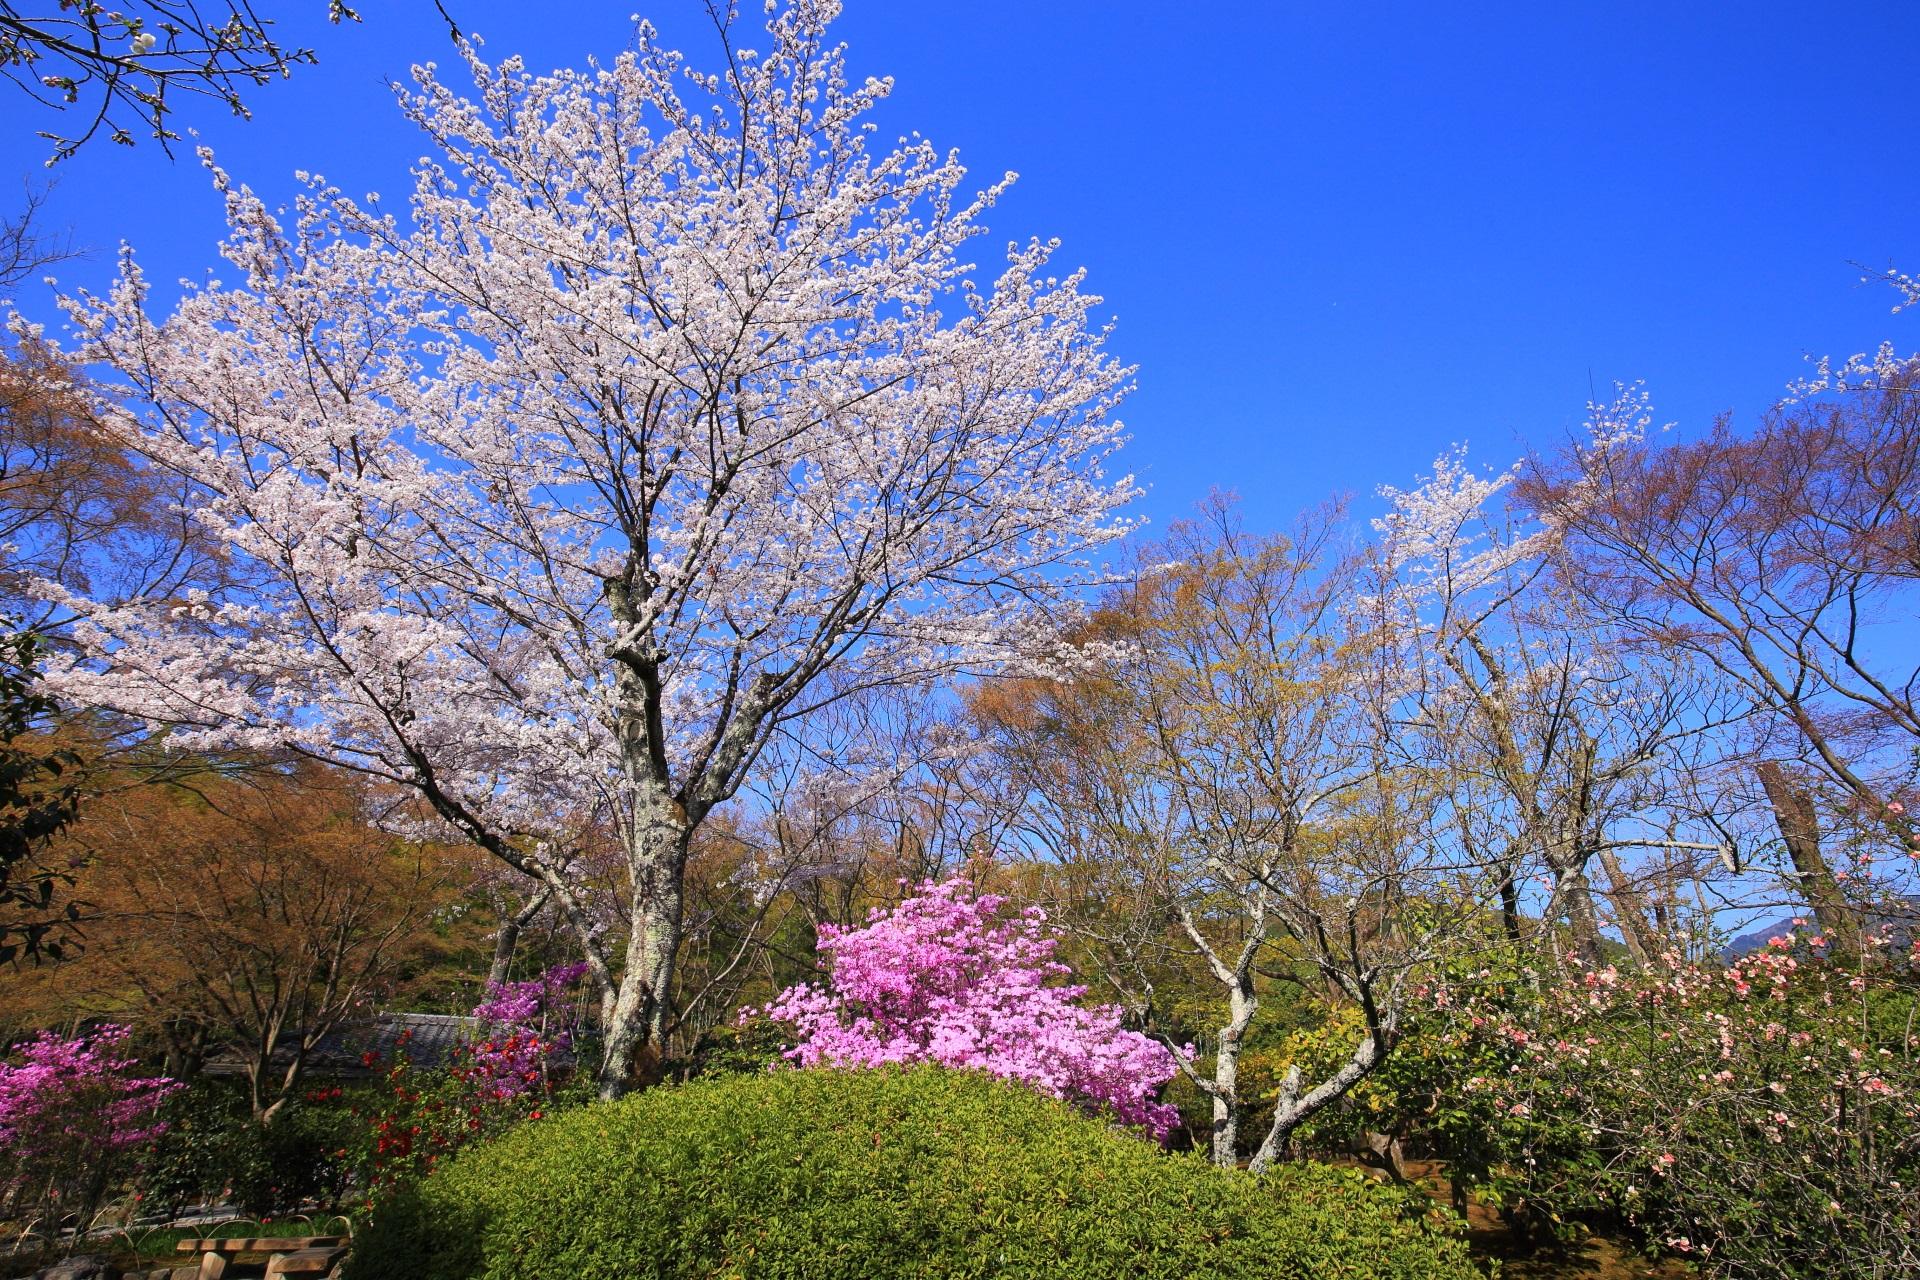 天龍寺の百花苑の桜と春の花々